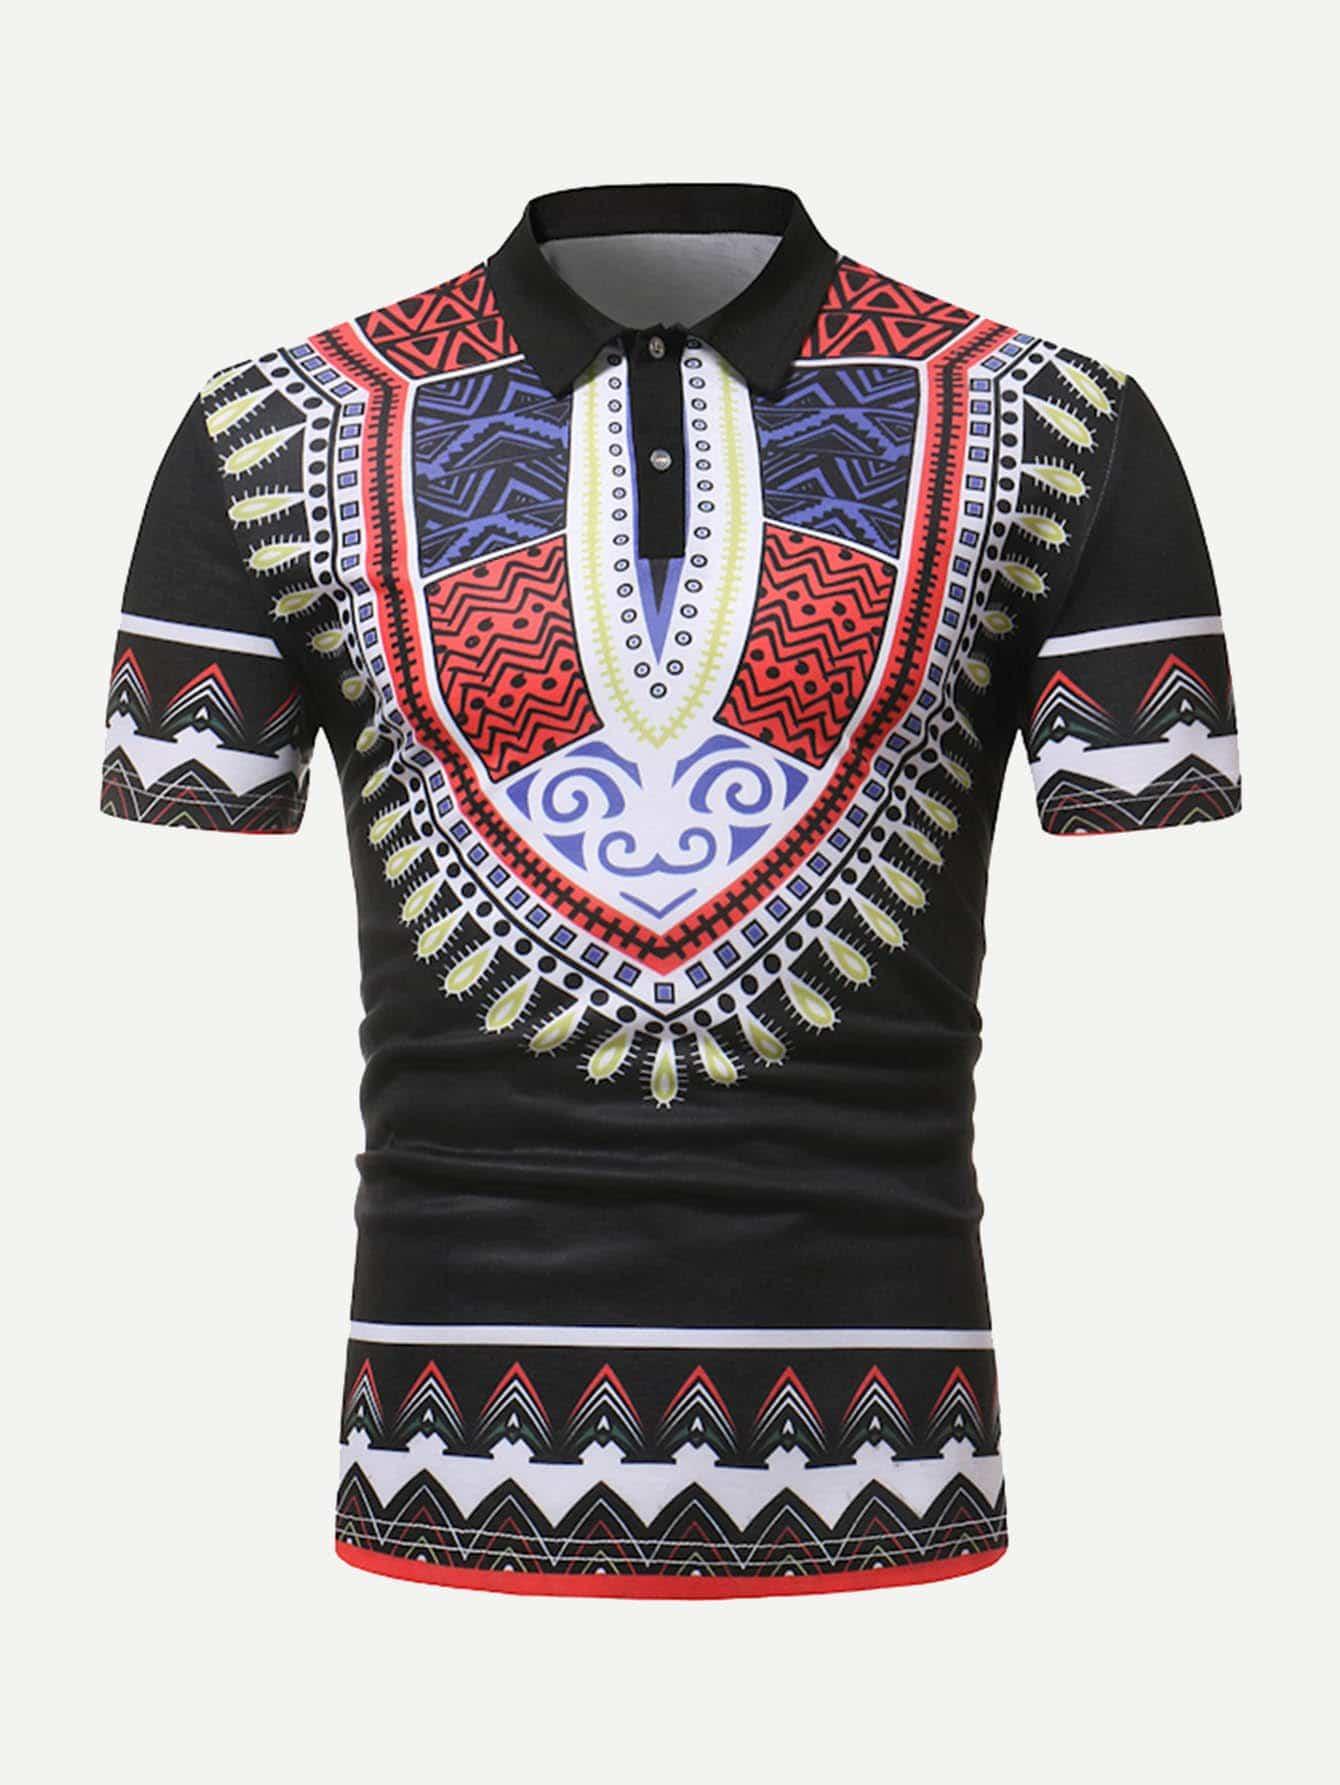 Купить Мужская рубашка с полосками для печати, null, SheIn